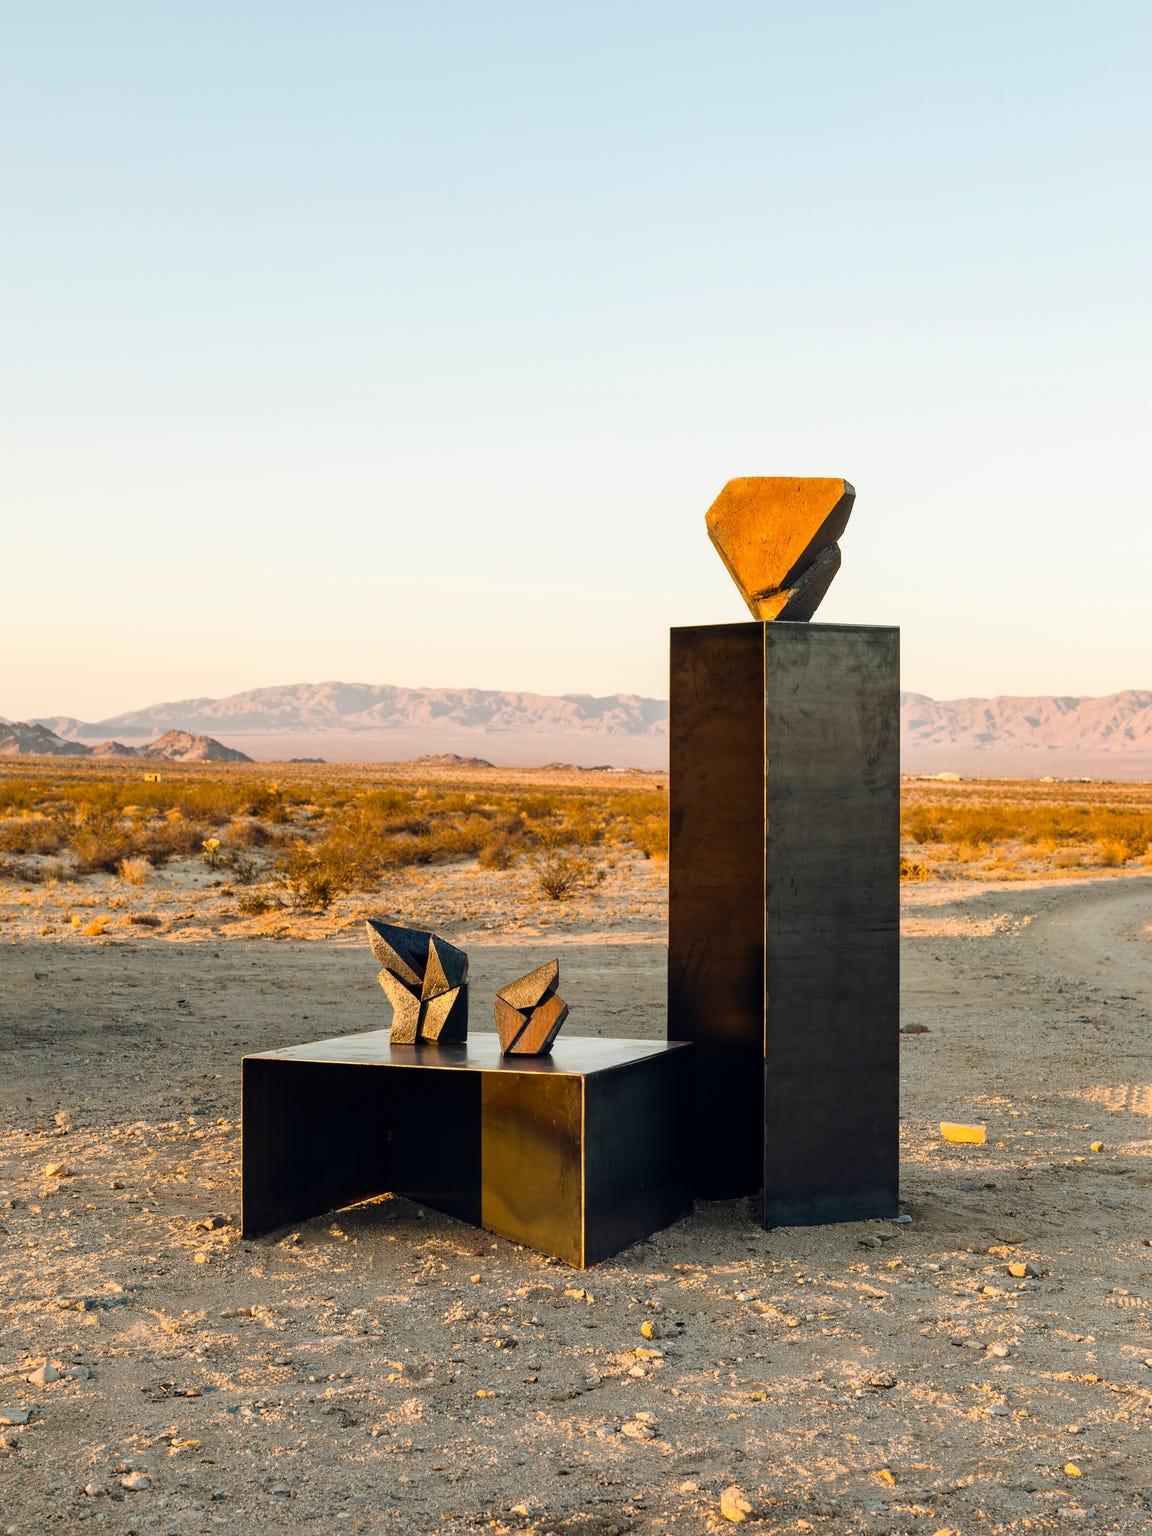 Jonathan Cross' sculptures outside his studio in Twentynine